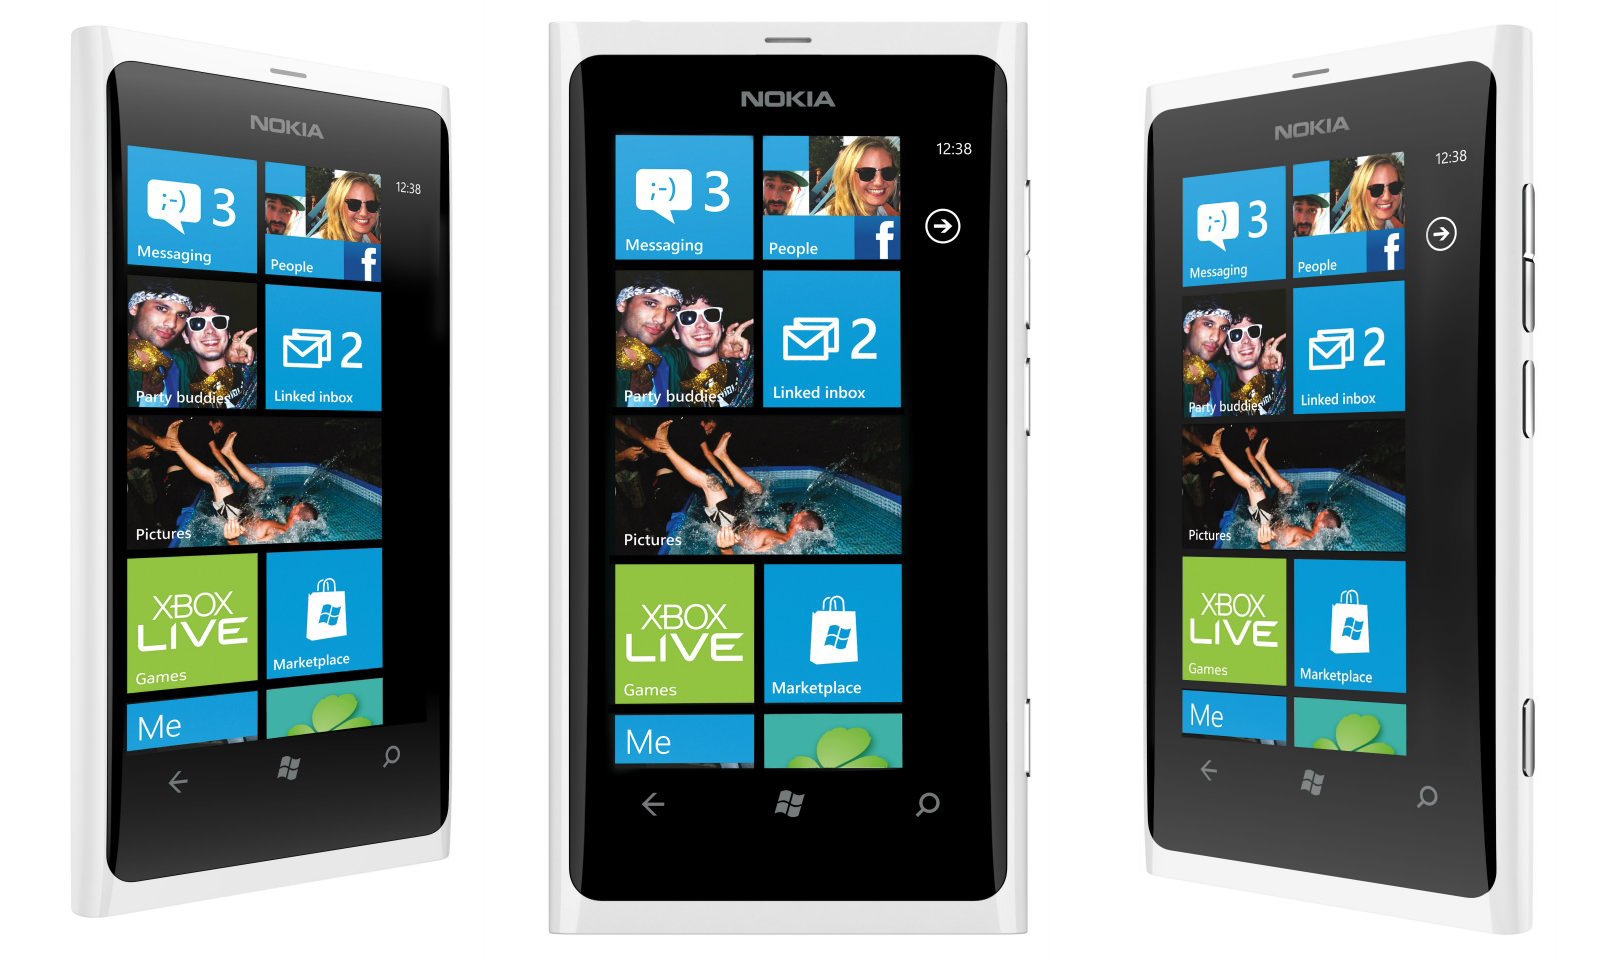 Nokia Lumia 5 Nokia Lumia White 6 Video Nokia : Apps Directories